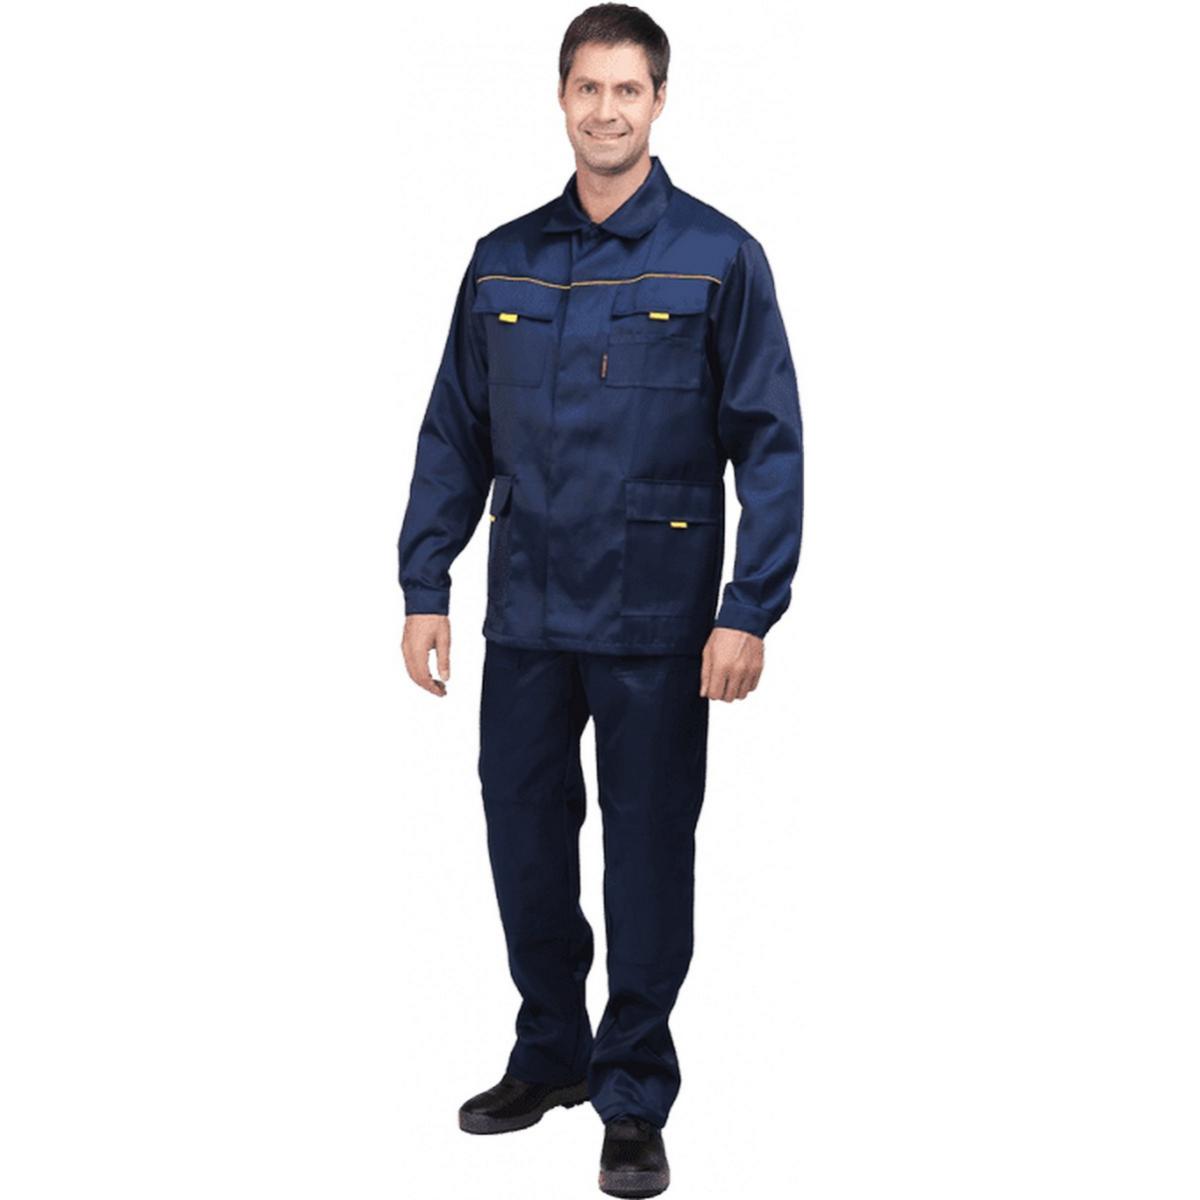 Костюм ВЫМПЕЛ-2 т/синий (куртка+п/к)  (разм. 120-124 рост 182-188)